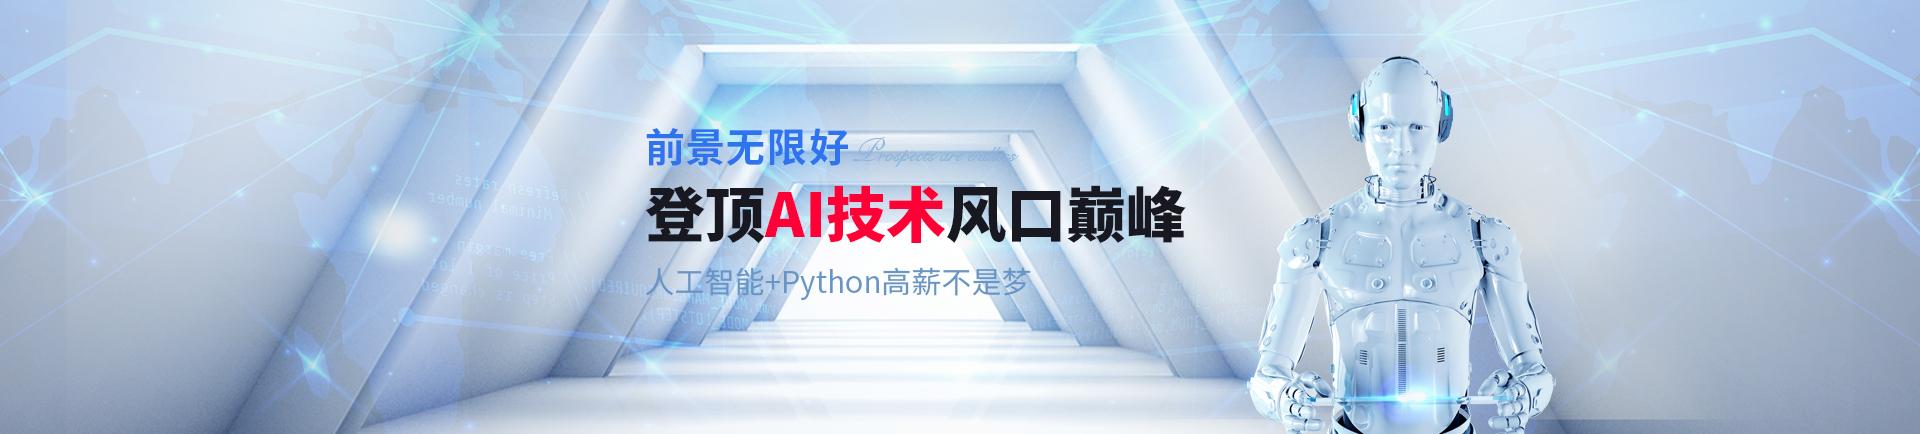 登顶AI技术风�巅峰 人工智能+Python挑战高薪-shenzhen